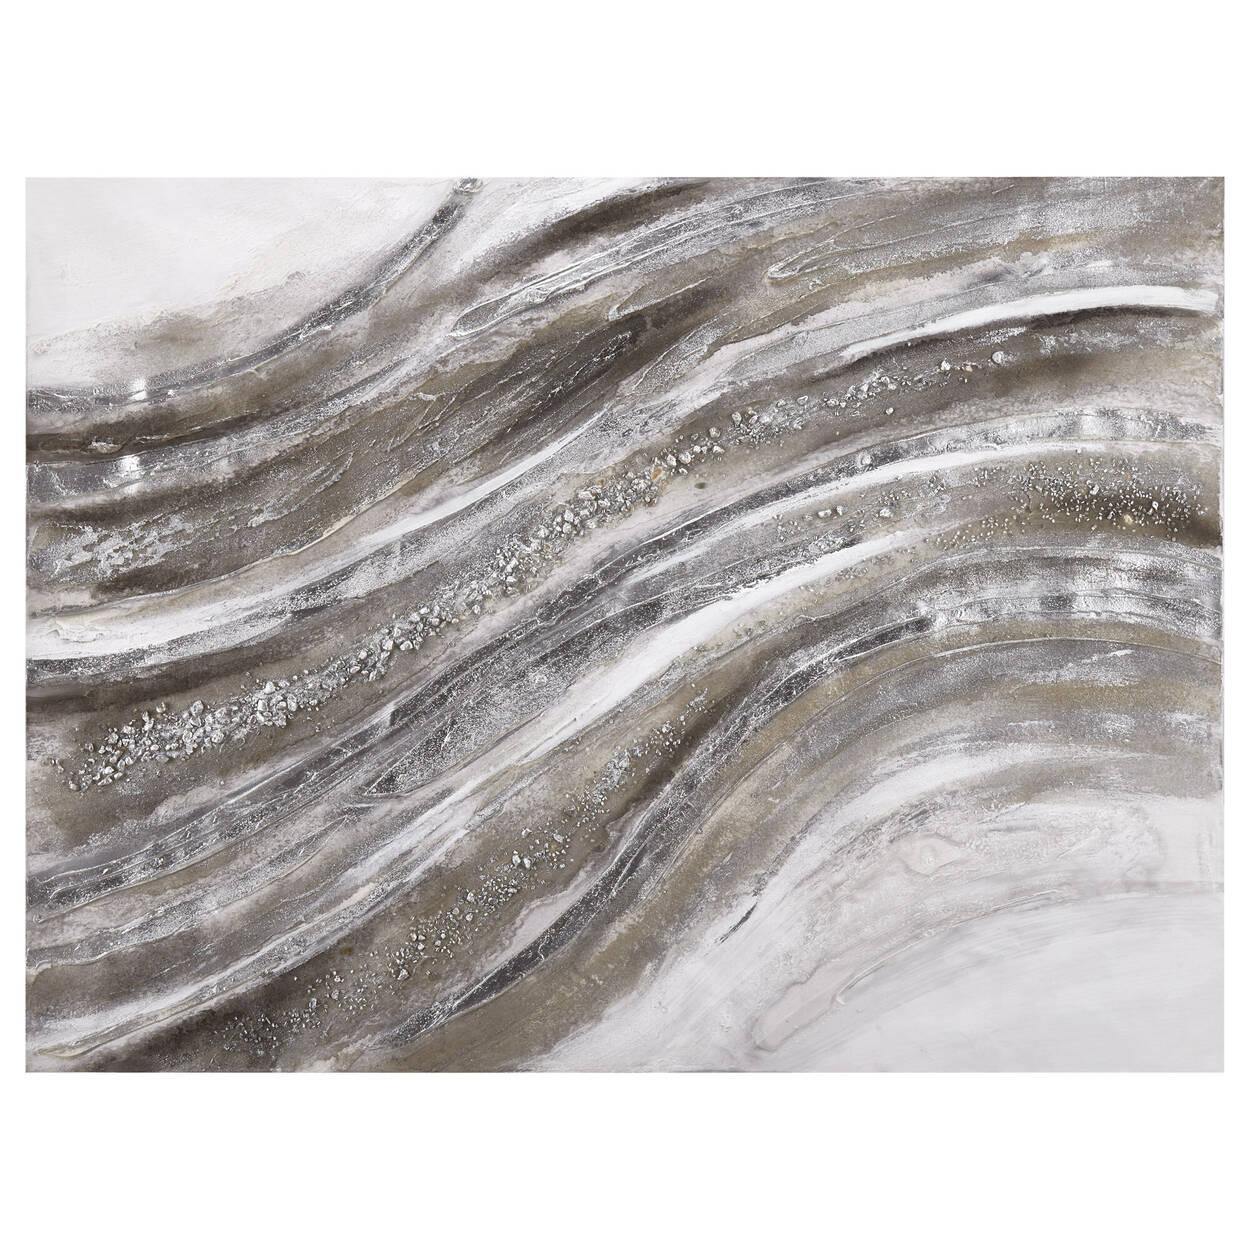 Tableau vague abstraite peint à l'huile